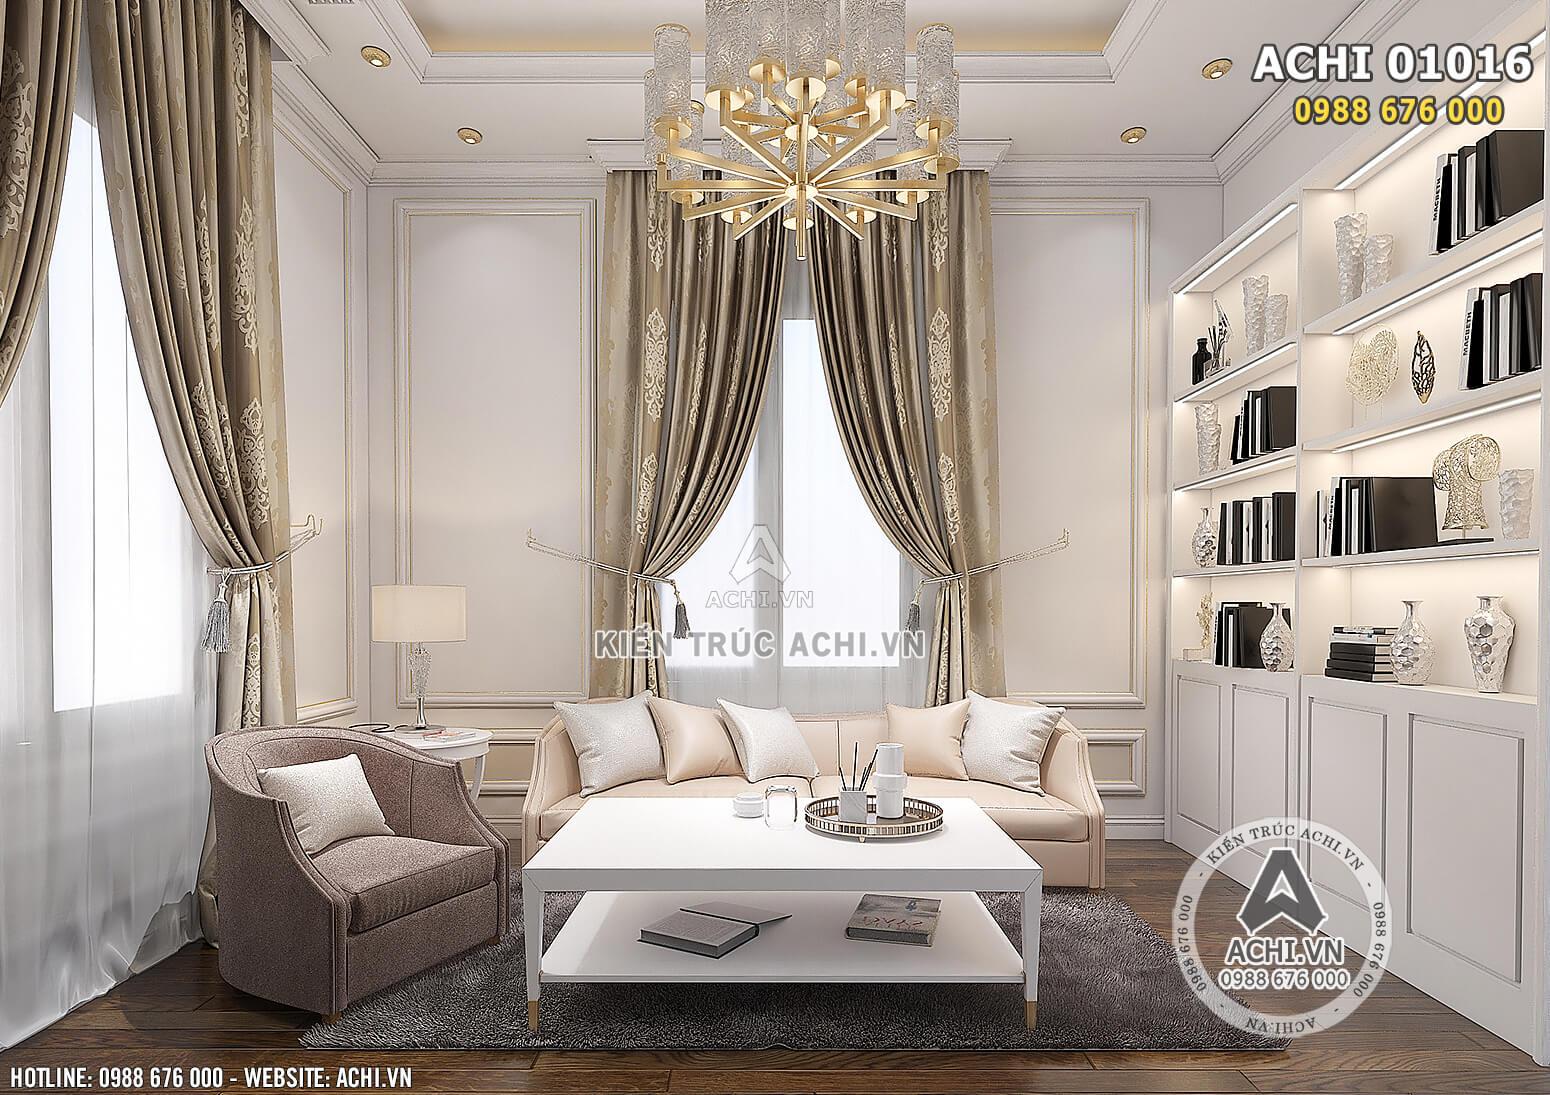 Hình ảnh: Thiết kế nội thất tân cổ điển cho không gian phòng ngủ cho phòng sinh hoạt chung - ACHI 01016